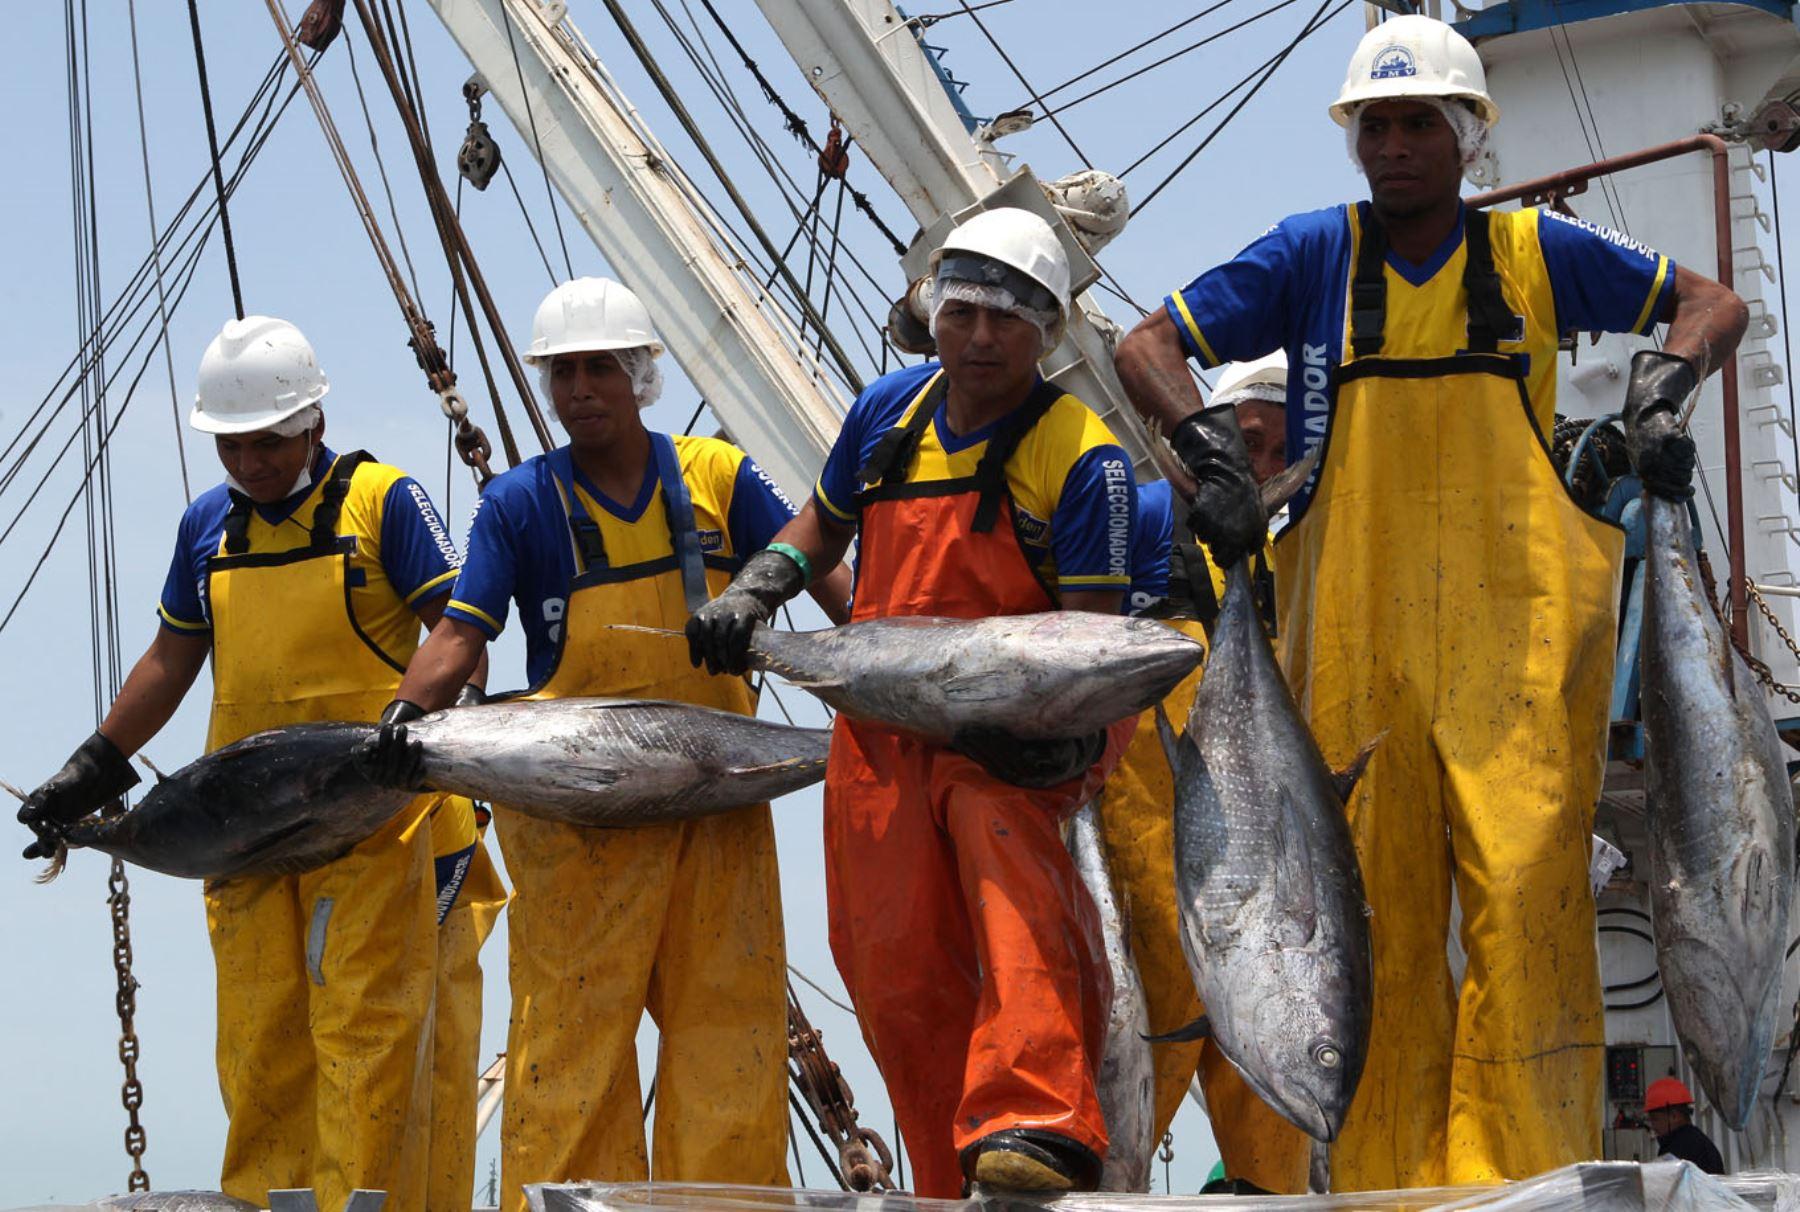 El atún, una de las especies marinas que más se pescan en el mar peruano. Foto: Agencia Andina.